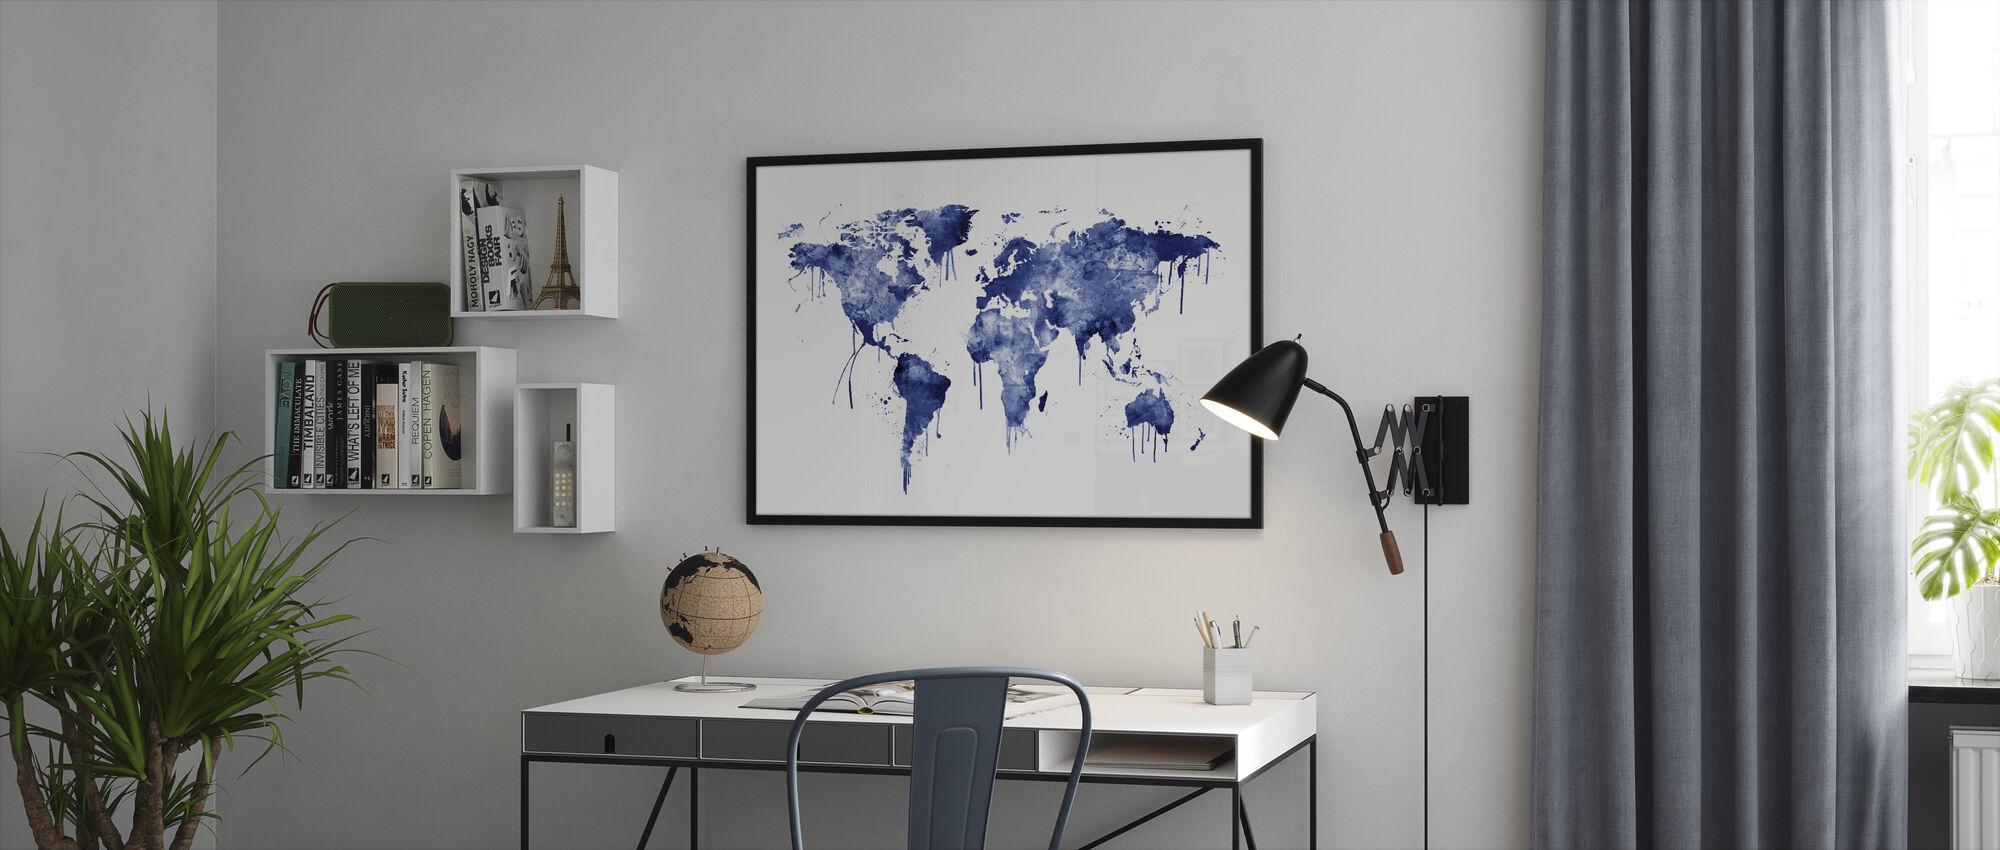 Akvarell World Map Blå - Innrammet bilde - Kontor